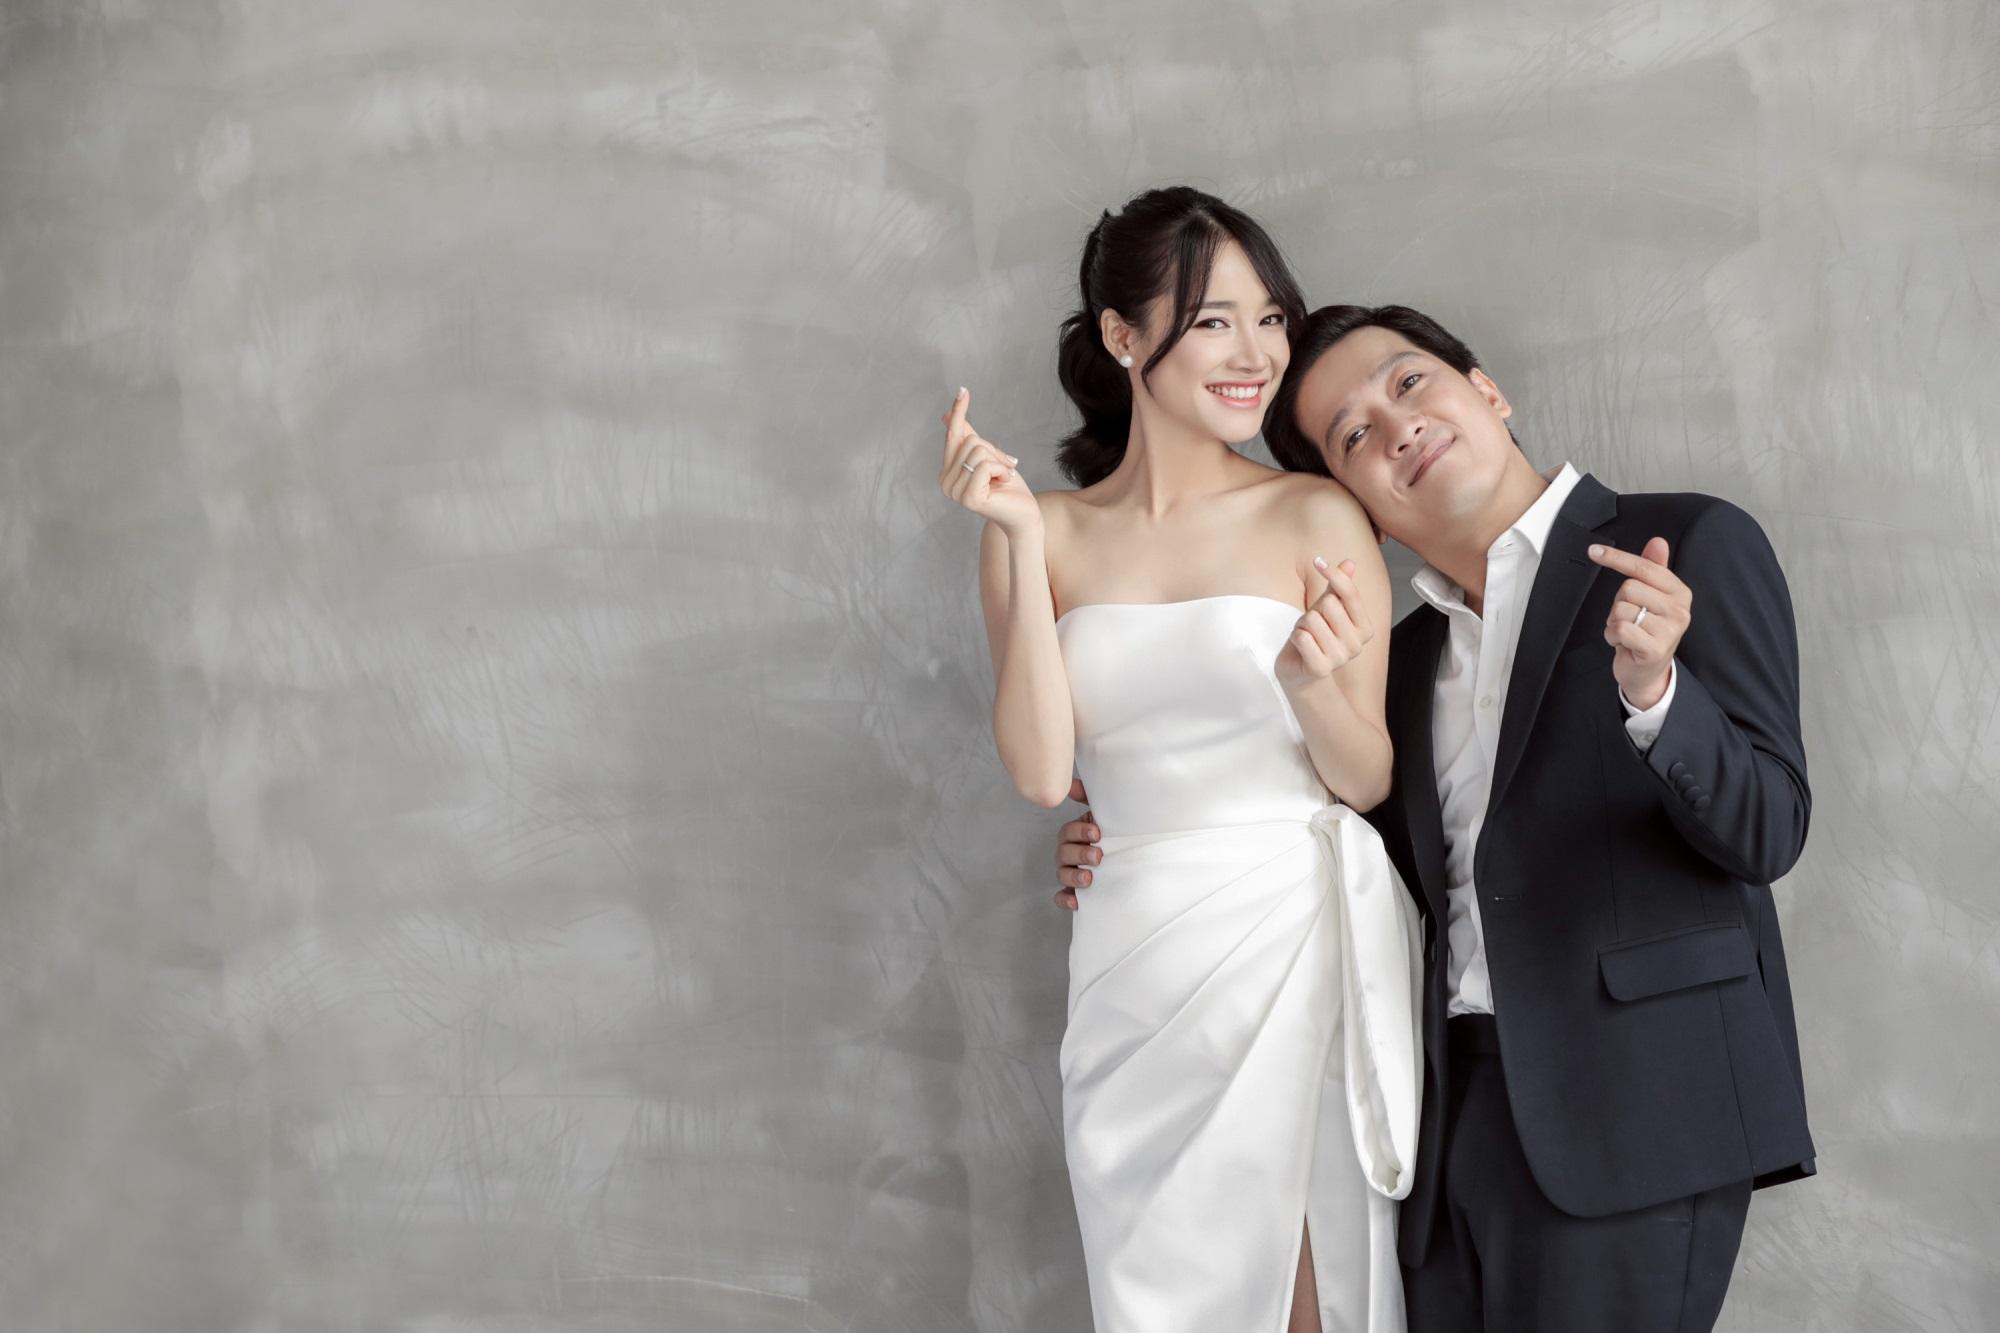 'Rụng tim' khi ngắm trọn bộ ảnh cưới đẹp như tranh vẽ của Trường Giang - Nhã Phương - Ảnh 1